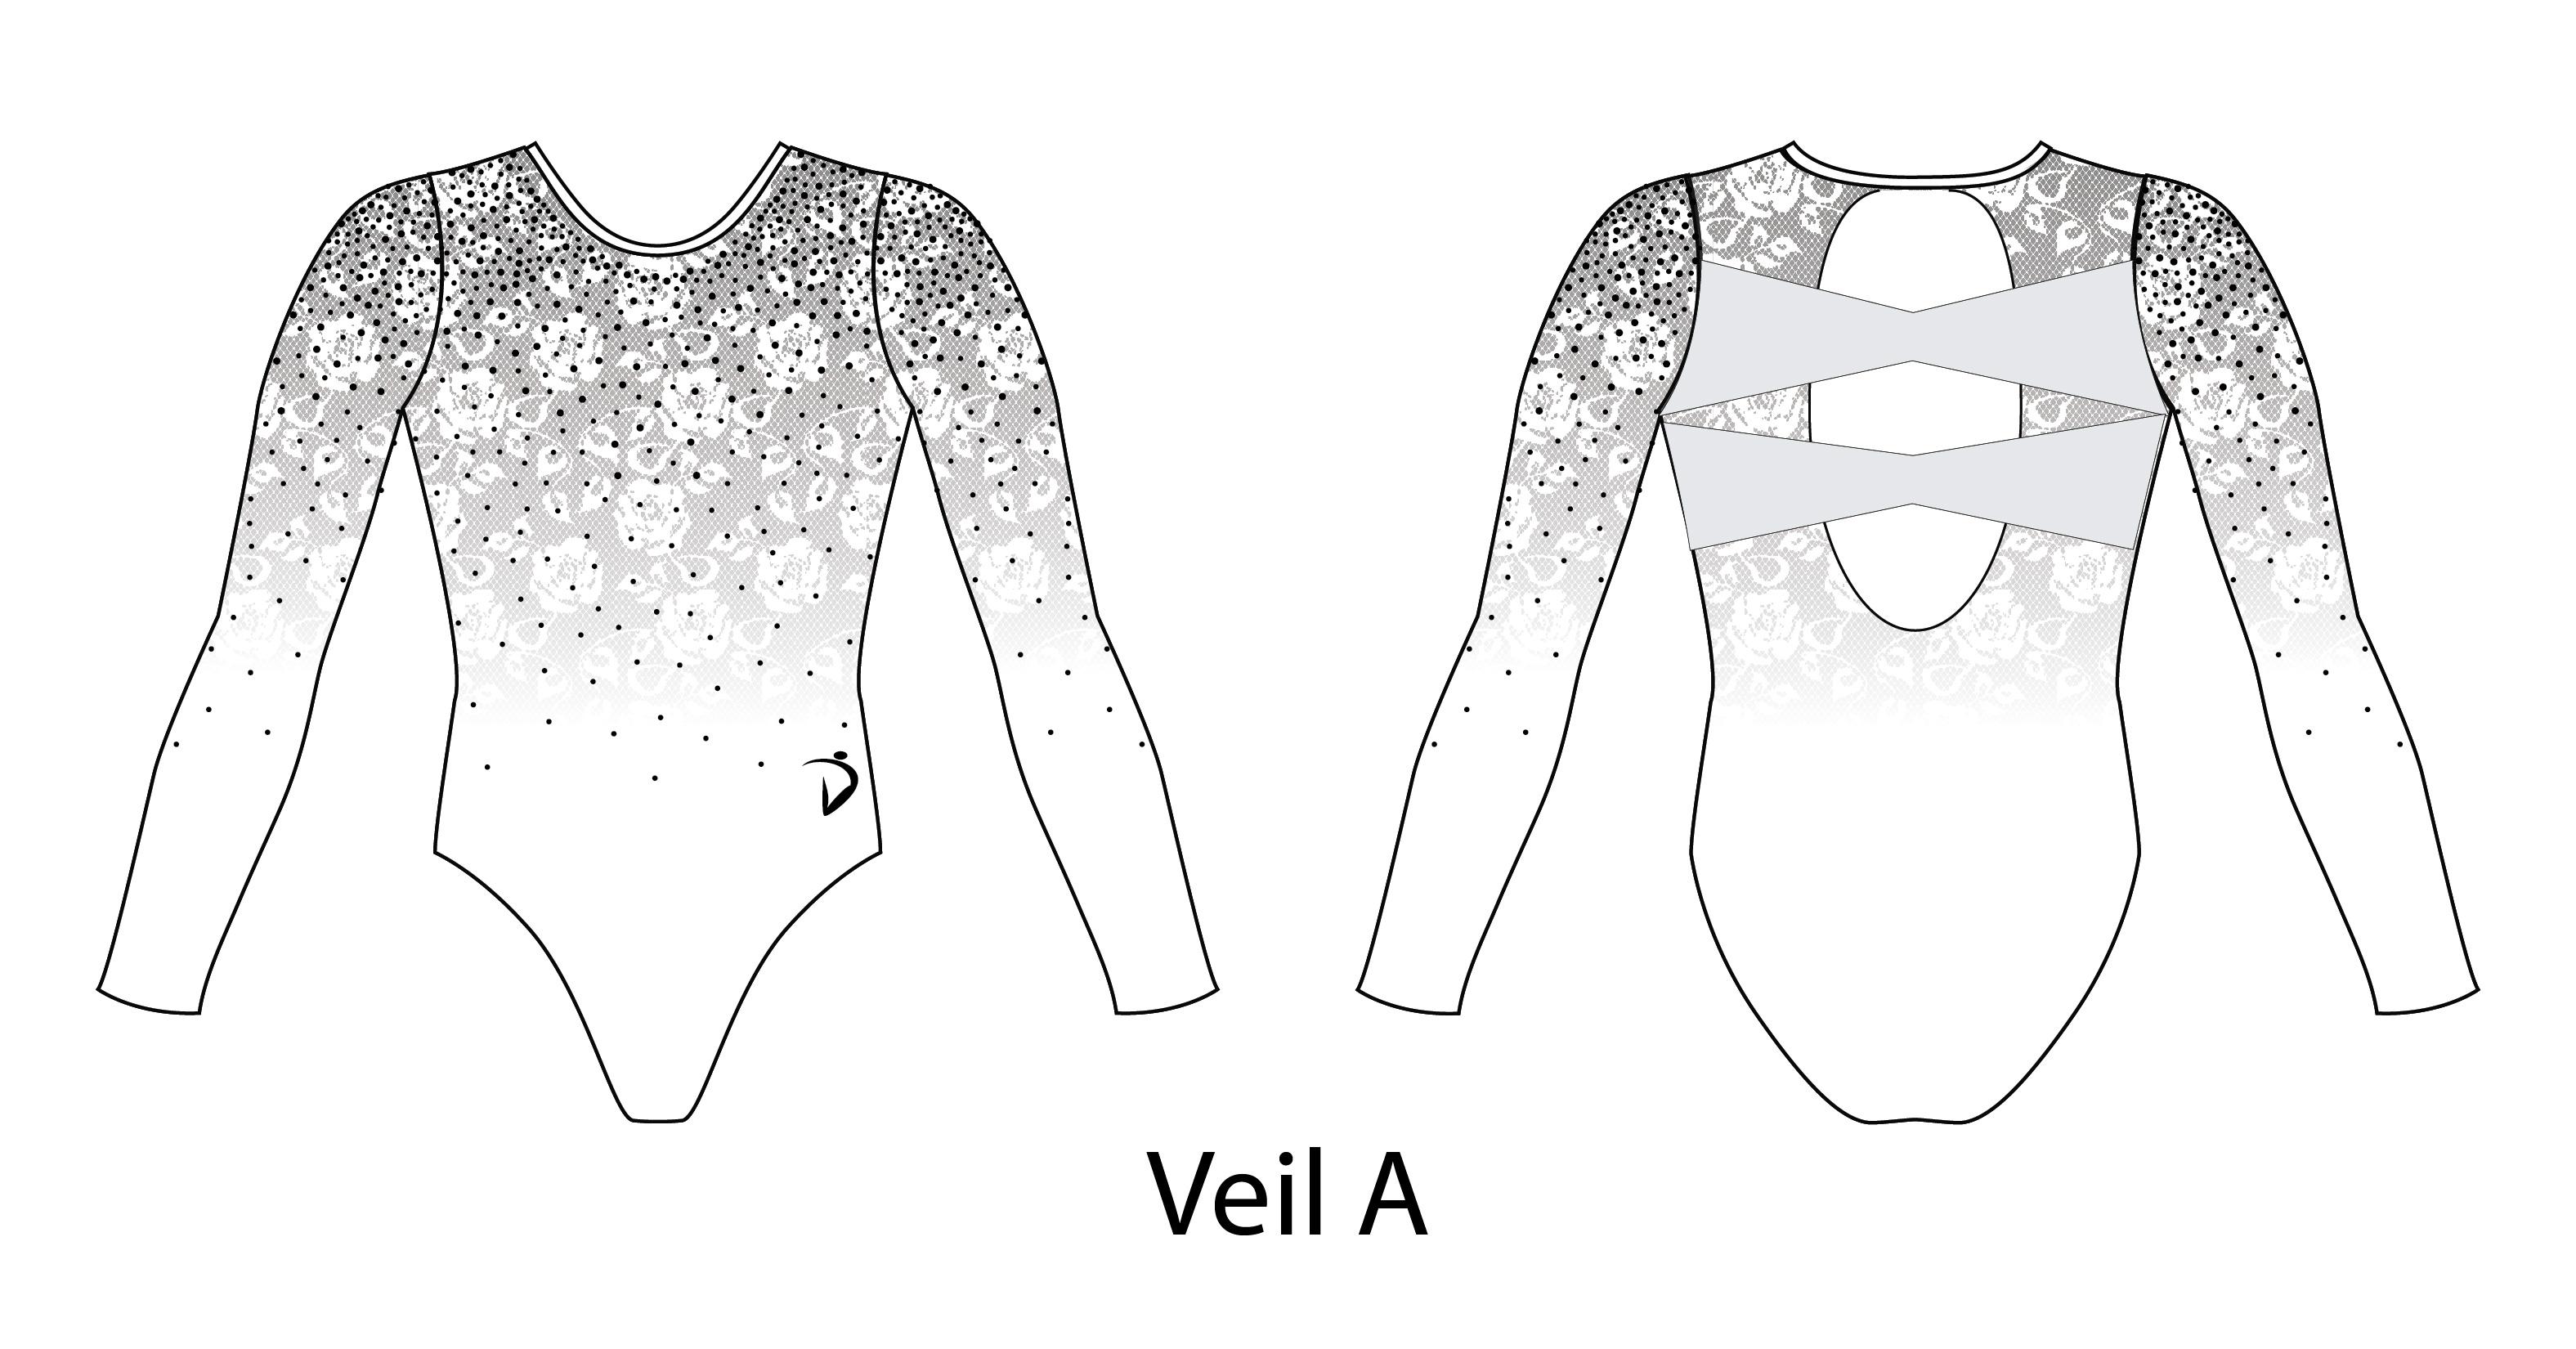 Veil A